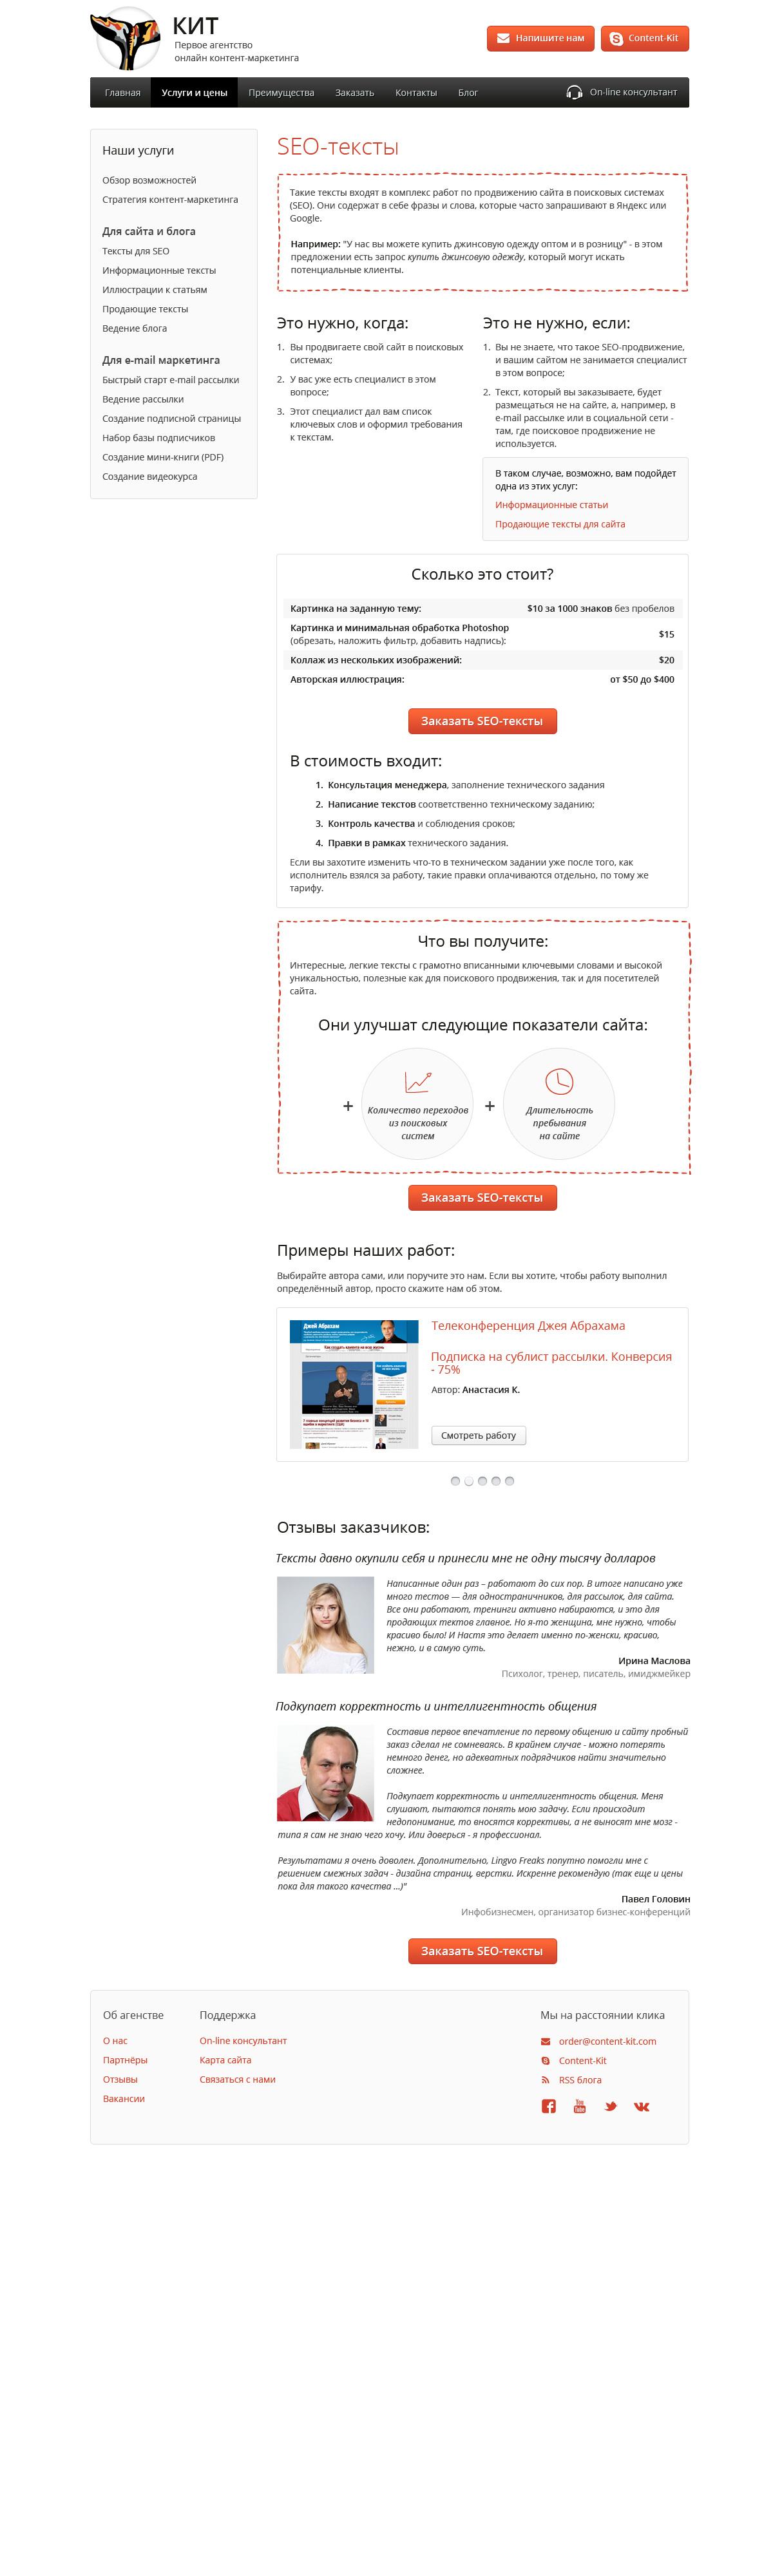 """Сайт: Агентсво онлайн контент-маркетинга """"КИТ"""""""